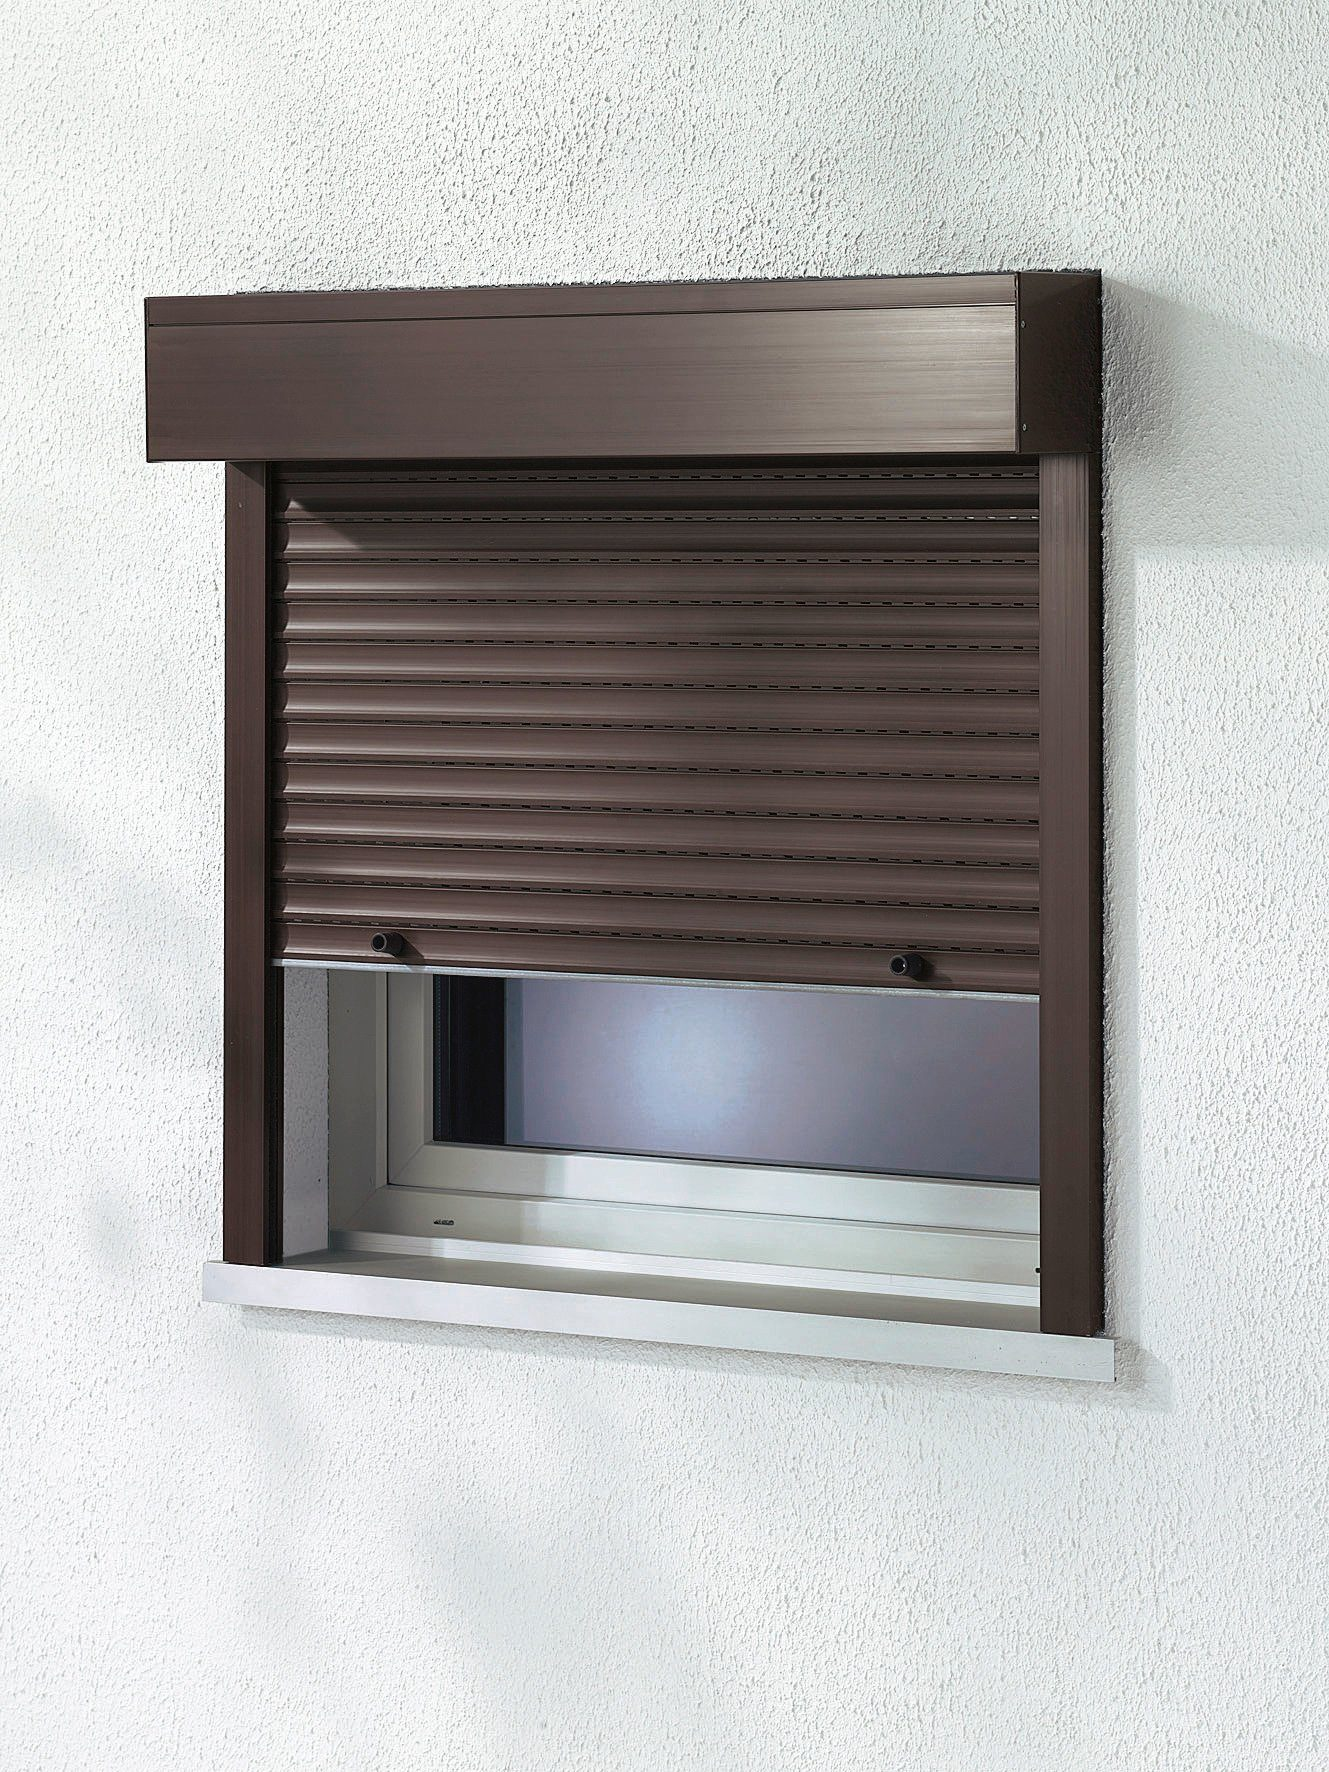 Kunststoff »Vorbau-Rollladen« Festmaß, BxH: 140x150 cm, braun